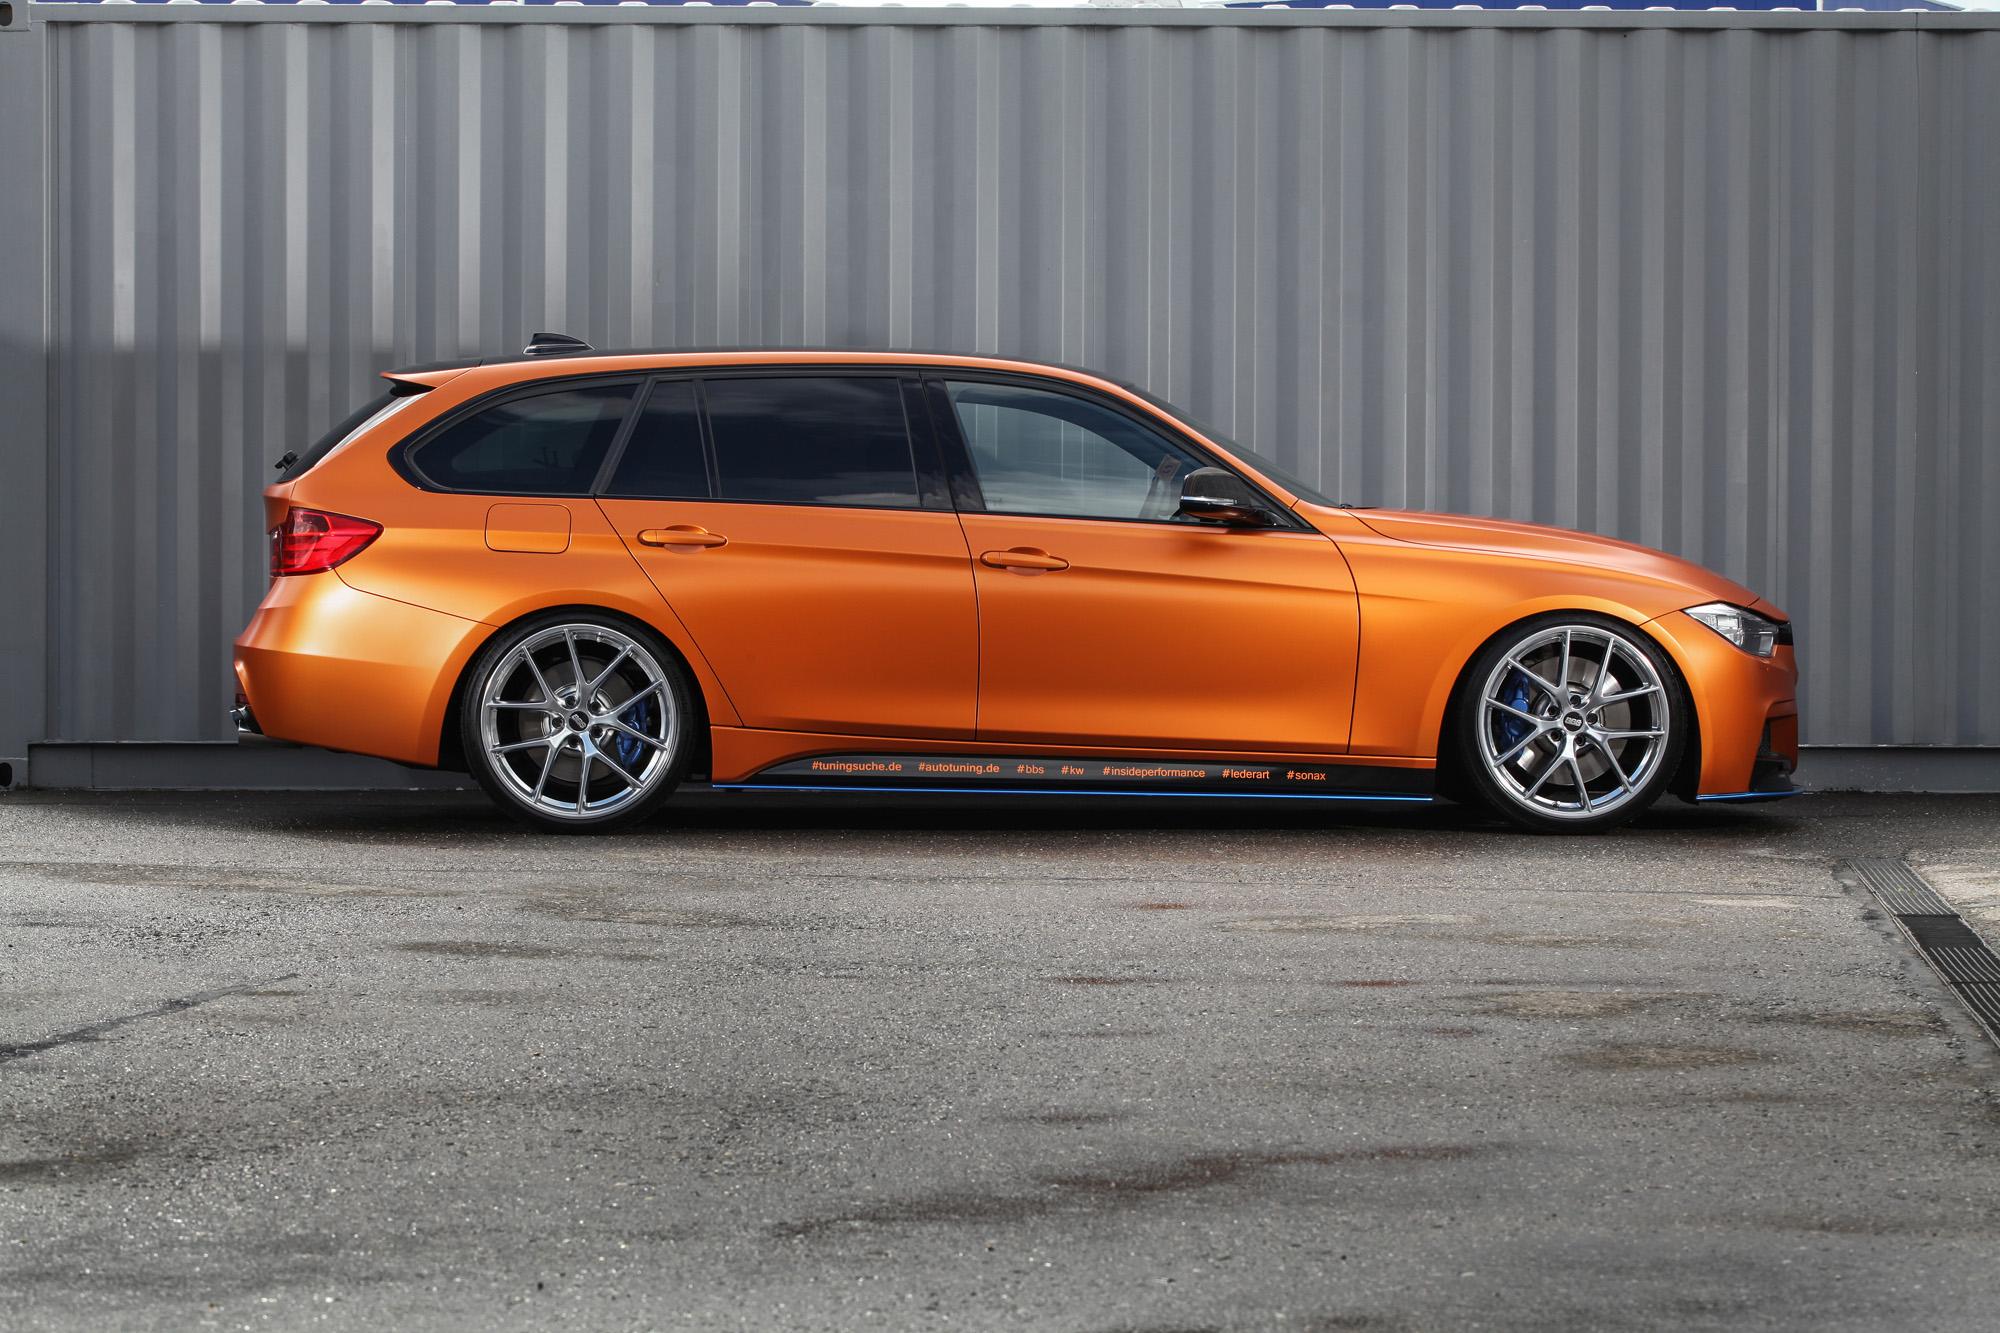 Redaktionsstolz auf vier Reifen: Die Vollfolierung macht aus dem BMW 3er ein wahres Wunderwerk.